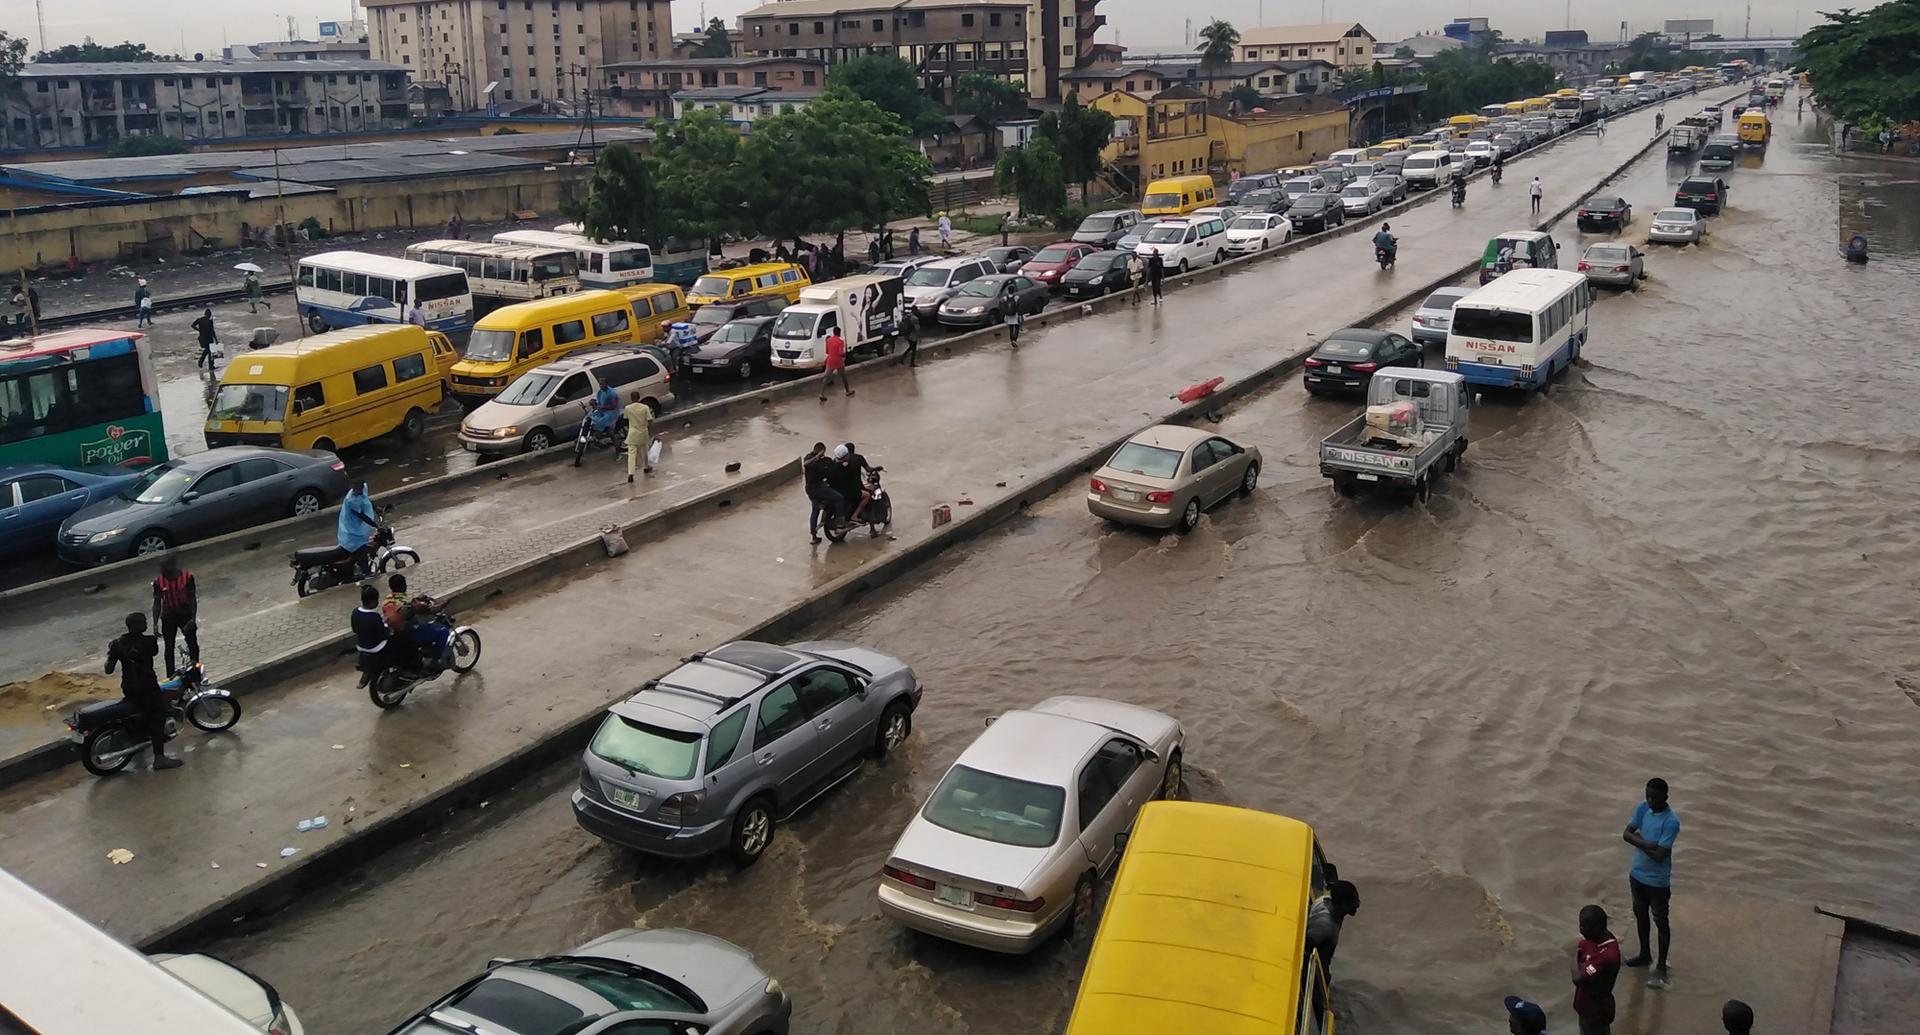 פוטו ערים שוקעות לגוס ניגריה